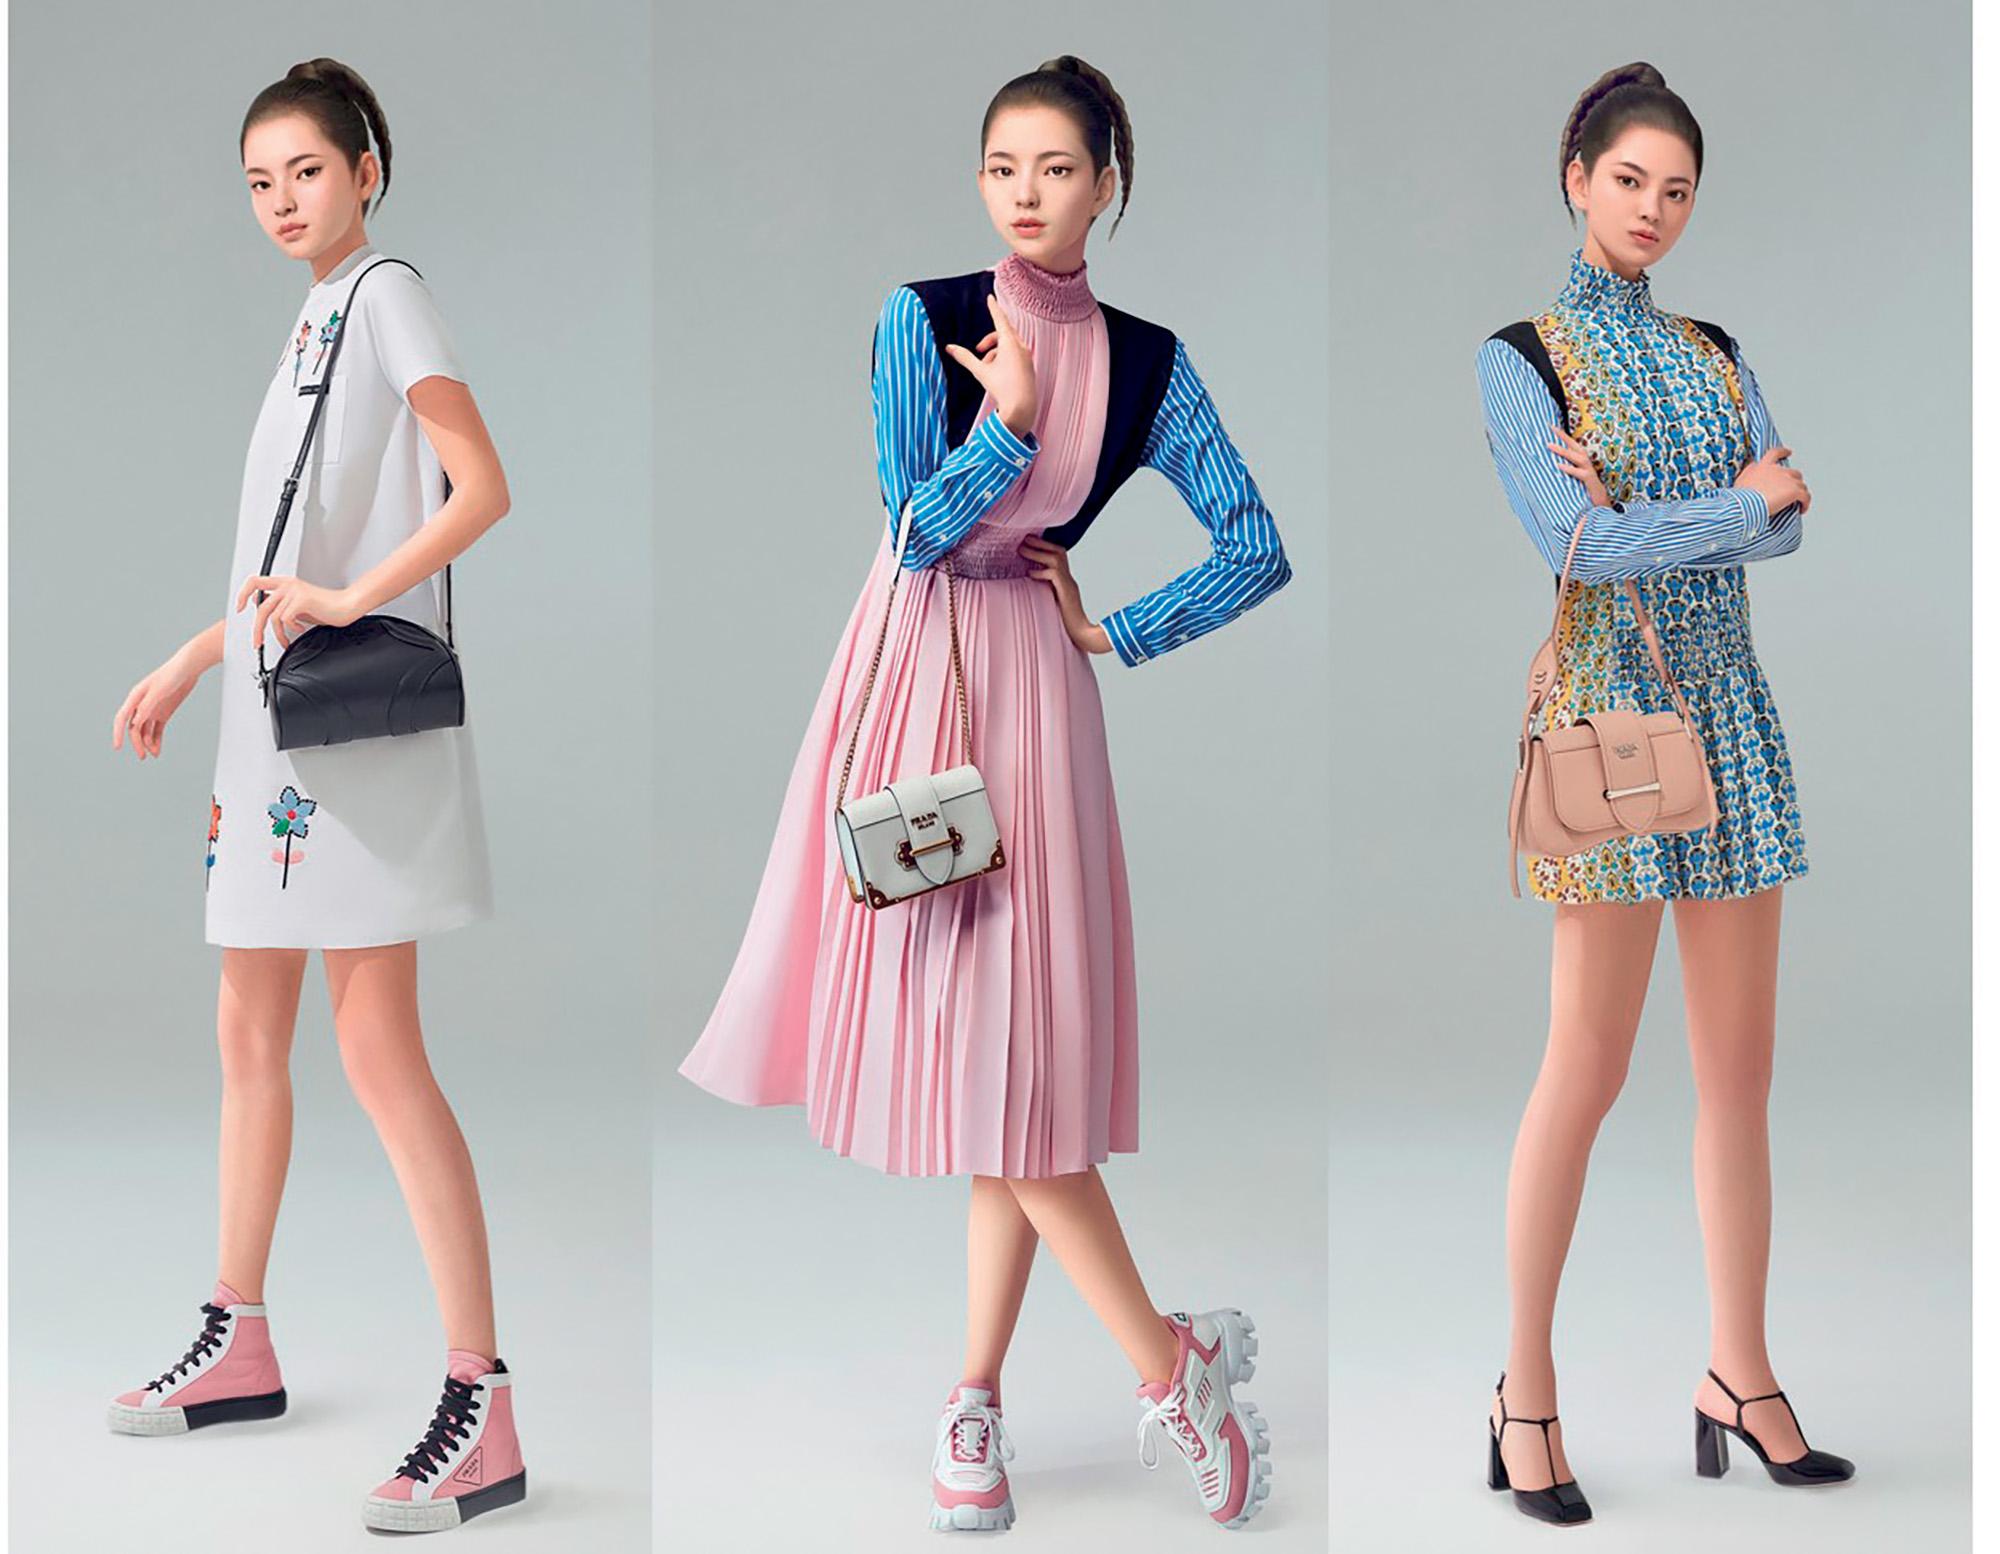 Tình hình ngành thời trang - người mẫu kỹ thuật số của Prada